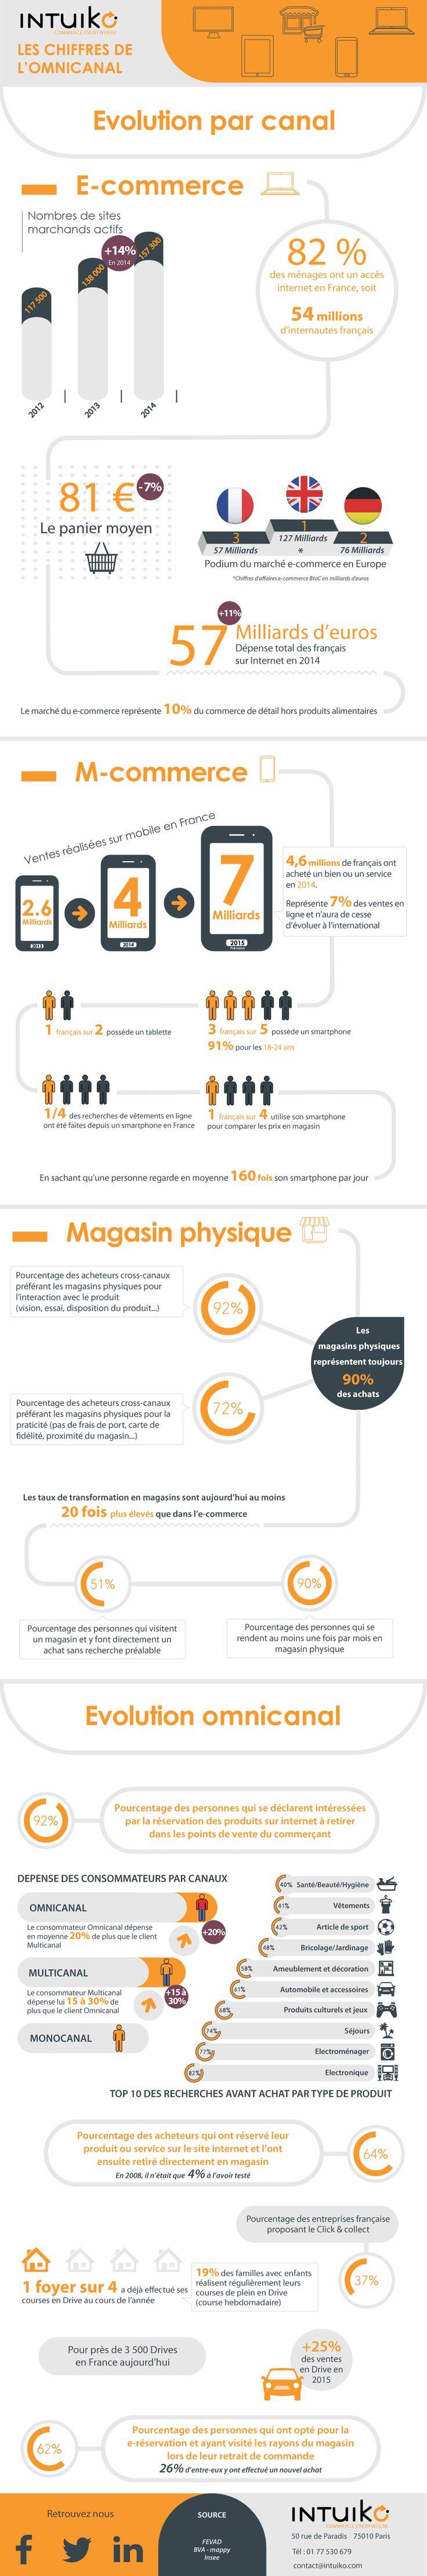 Les chiffres à connaître sur l'omnicanal en France | Comarketing-News